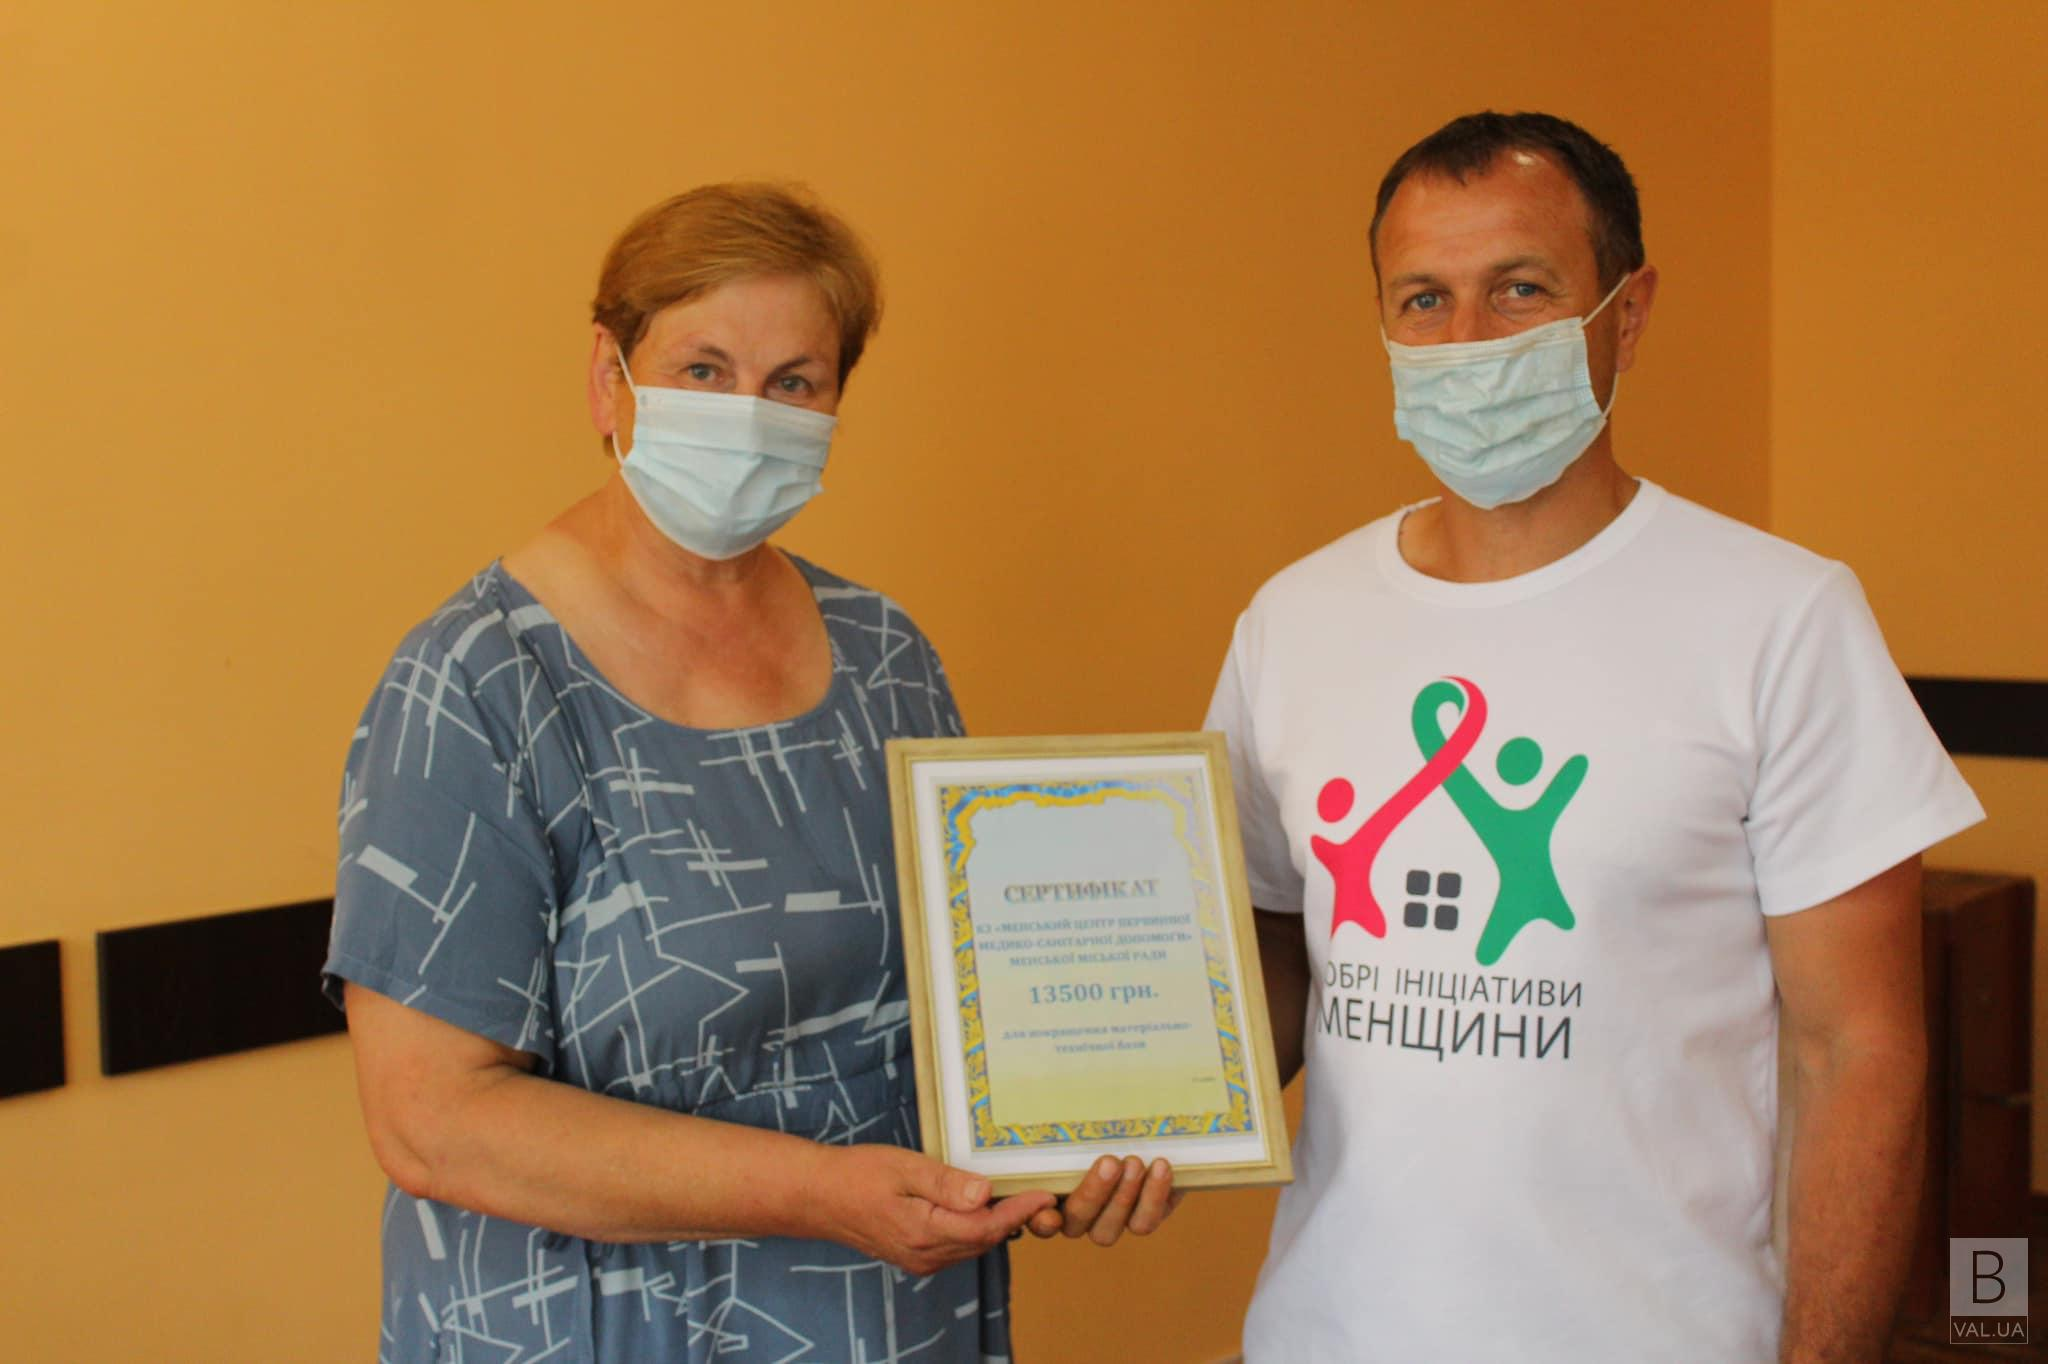 Гості ярмарку на Чернігівщині допомогли придбати електронне табло для лікарні